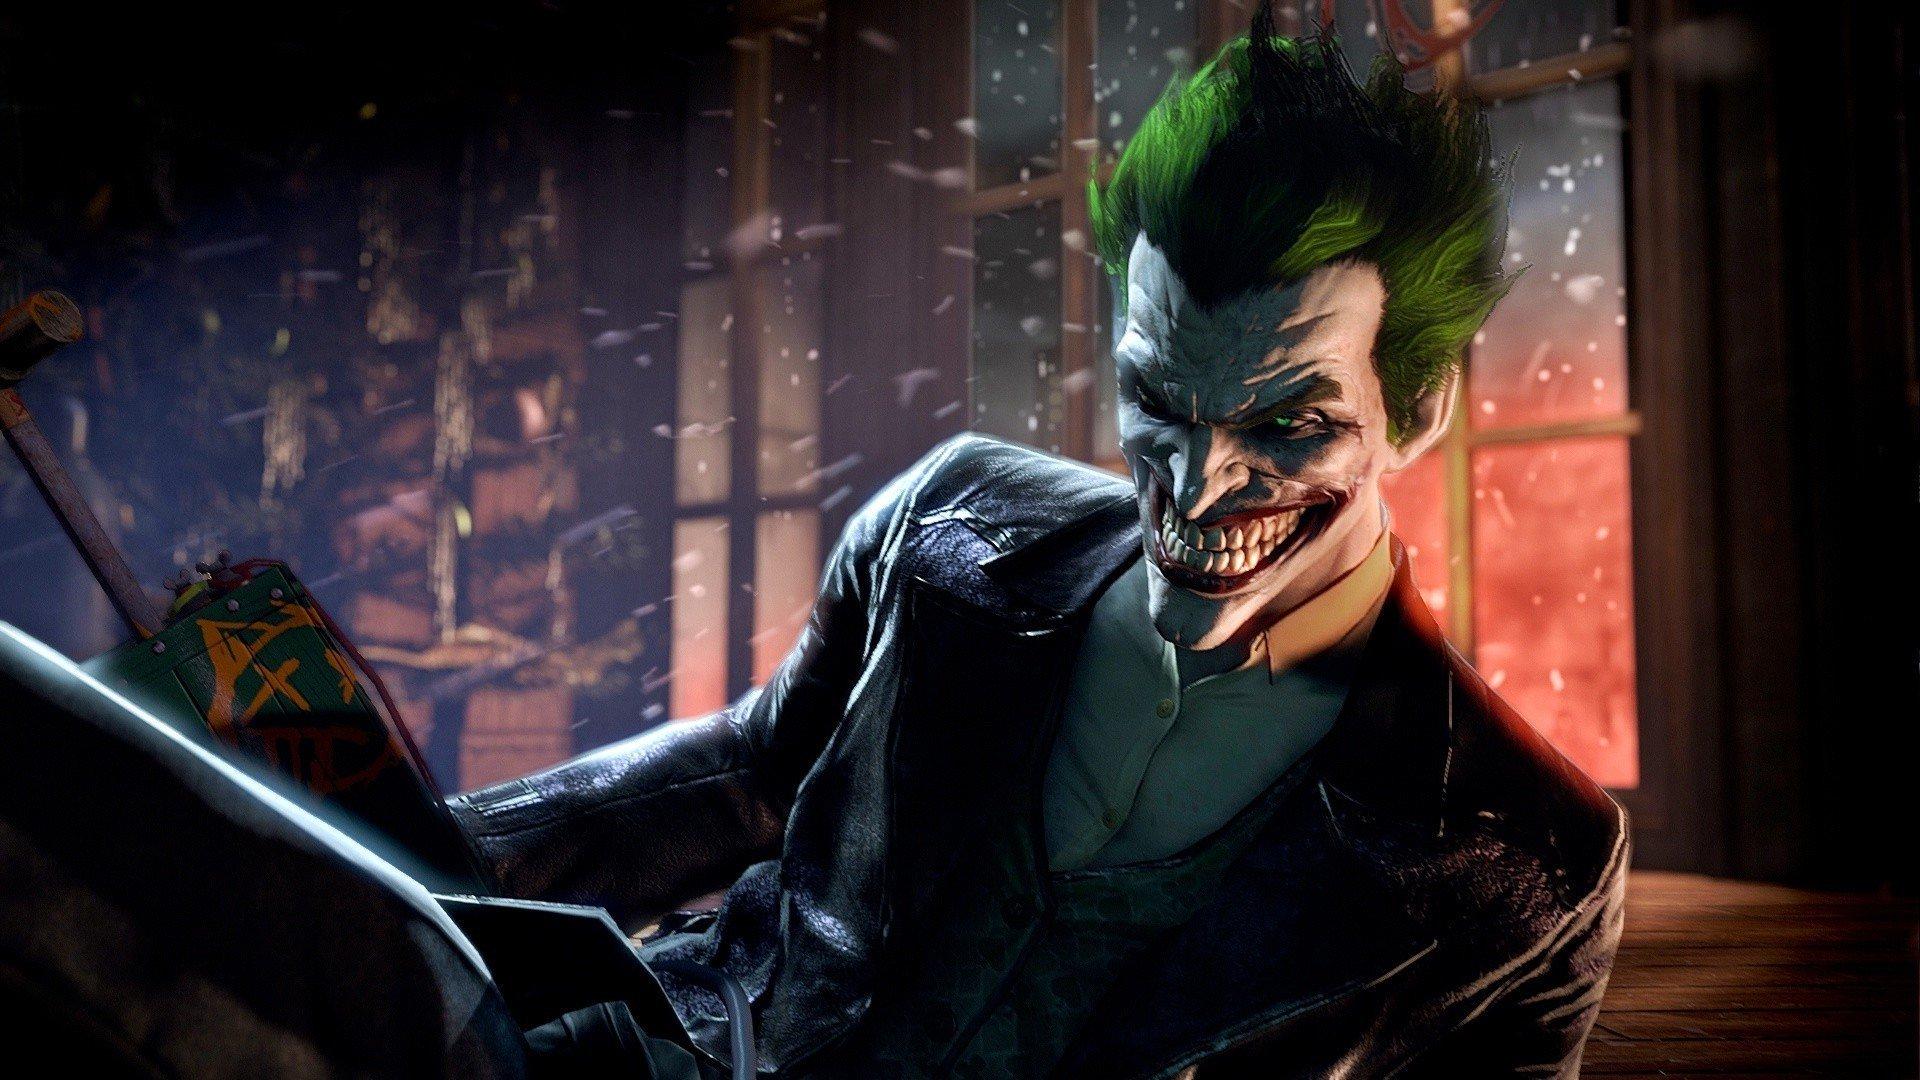 Блоги / Официально: Хоакин Феникс подписал контракт на роль Джокера в сольном фильме ВНЕ киновселенной DC